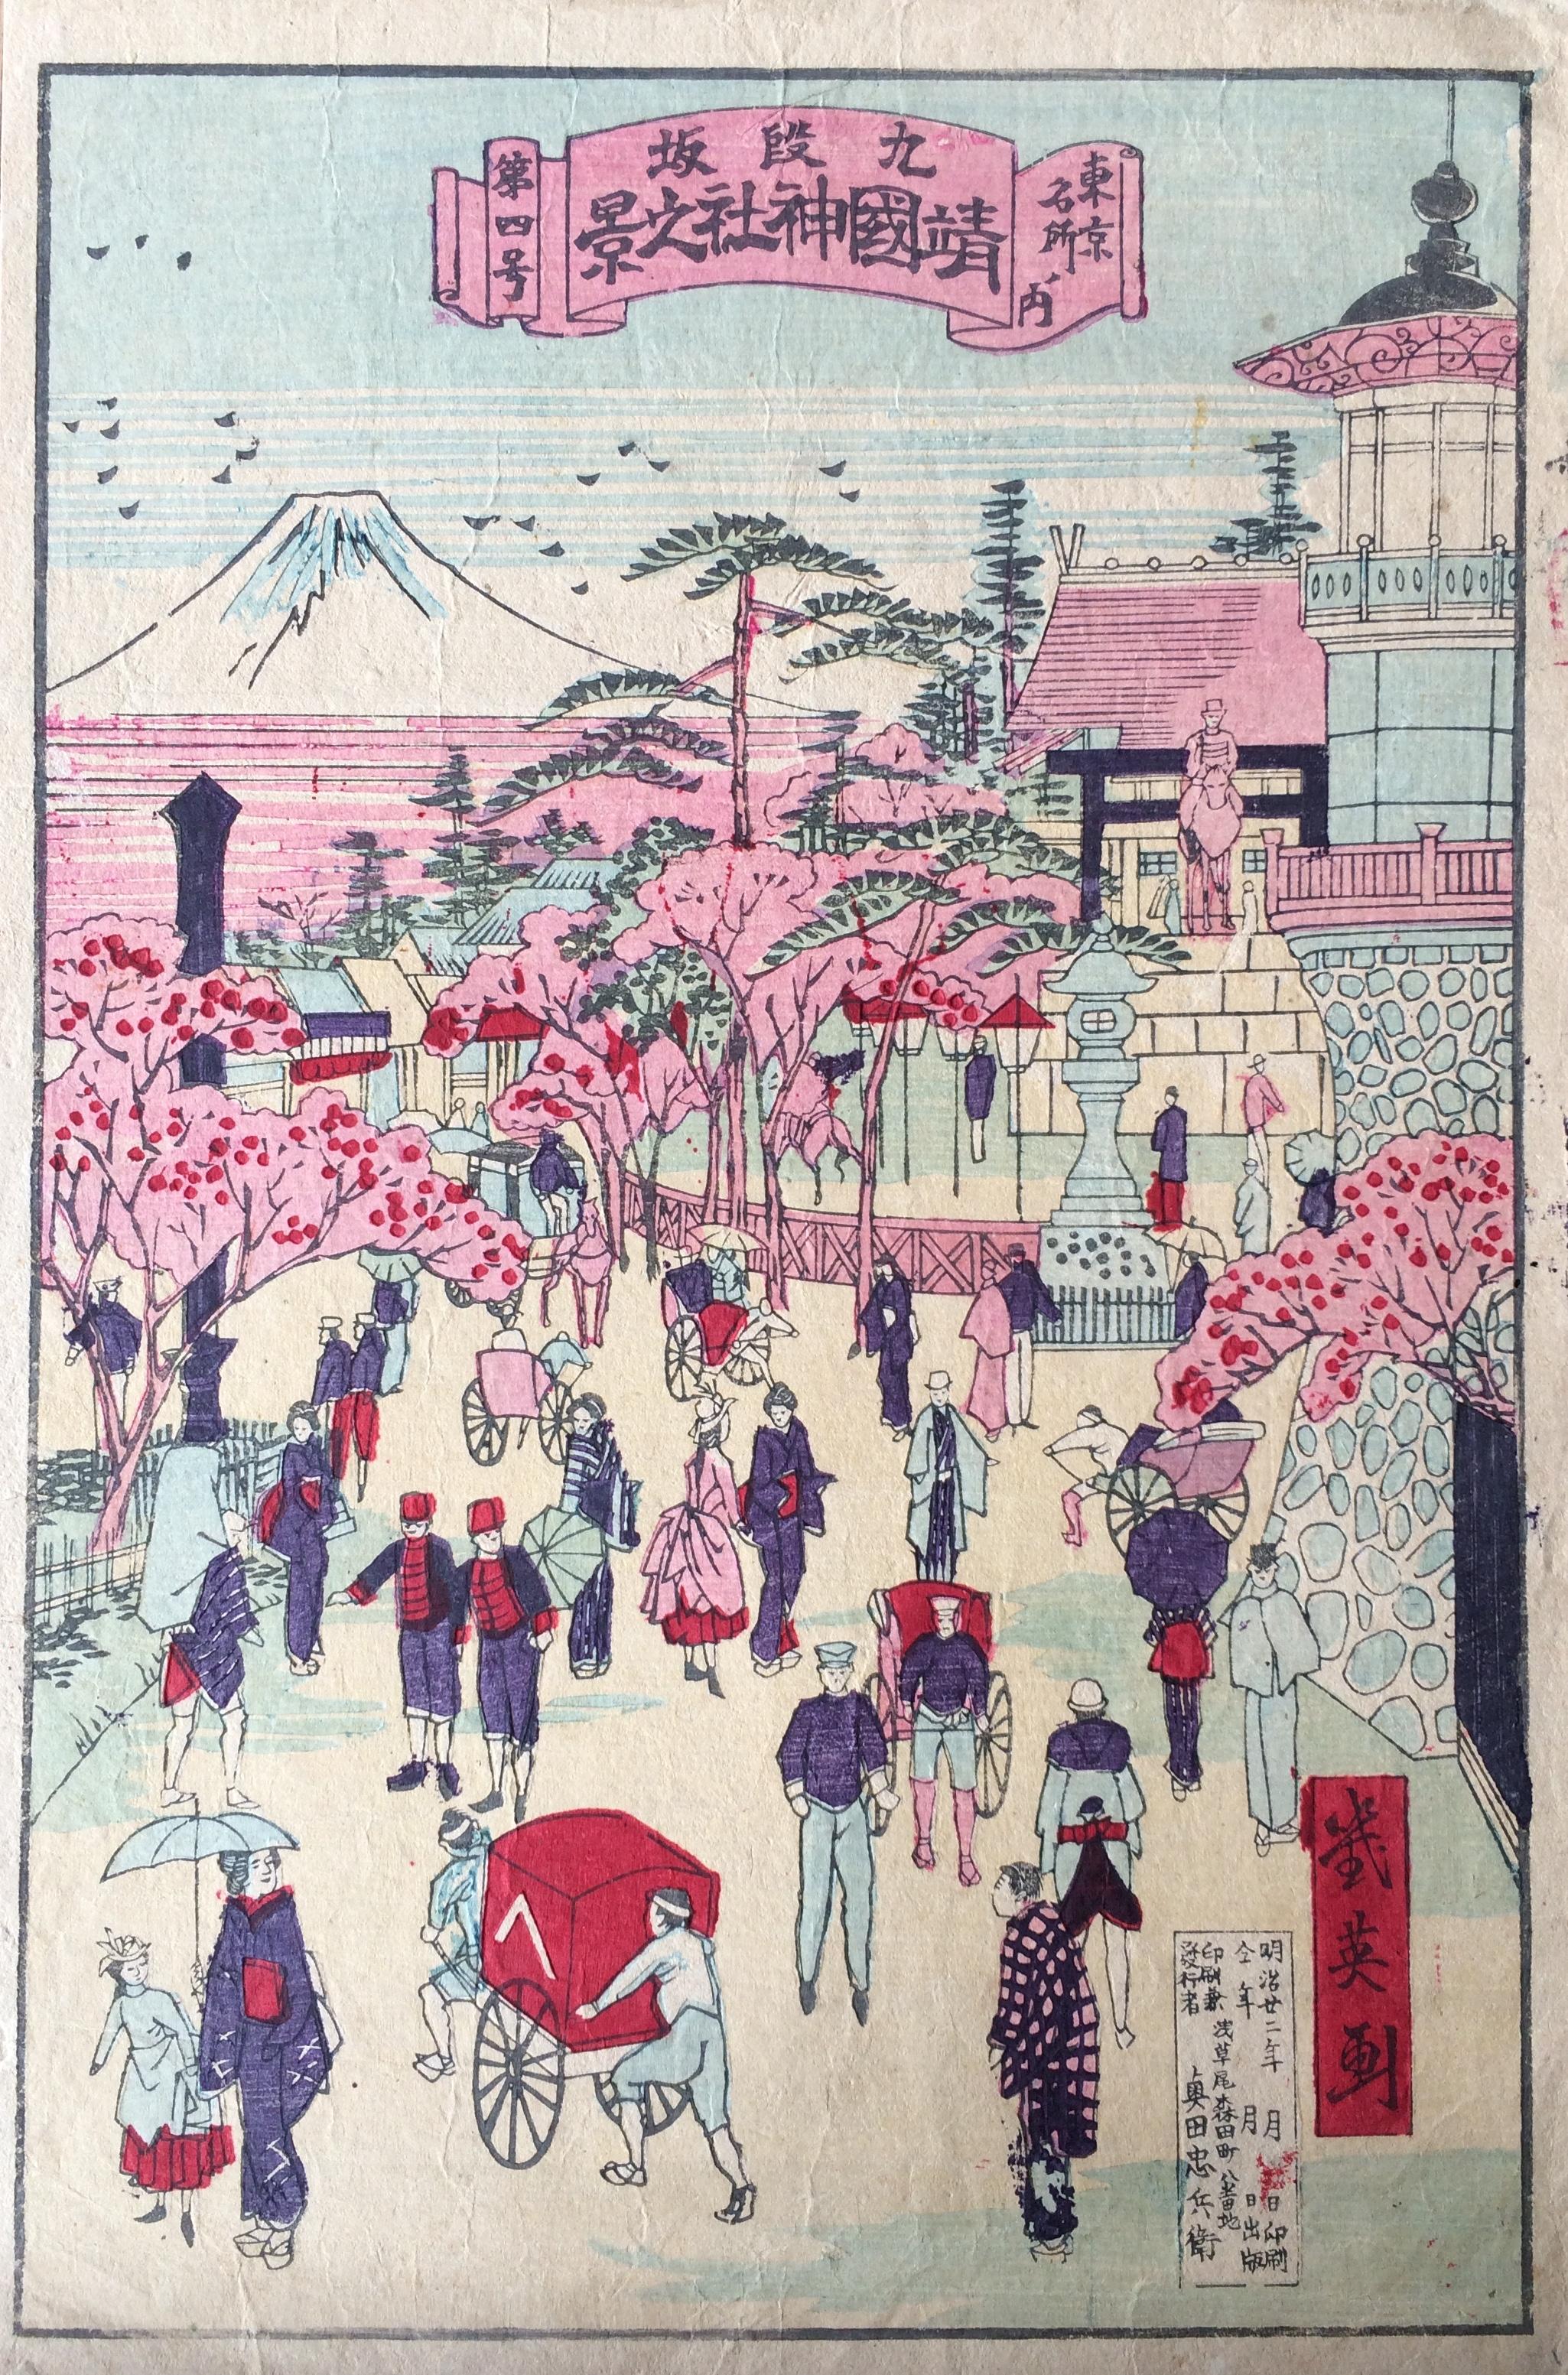 #4001 Kudanshita - Yasukuni Shrine